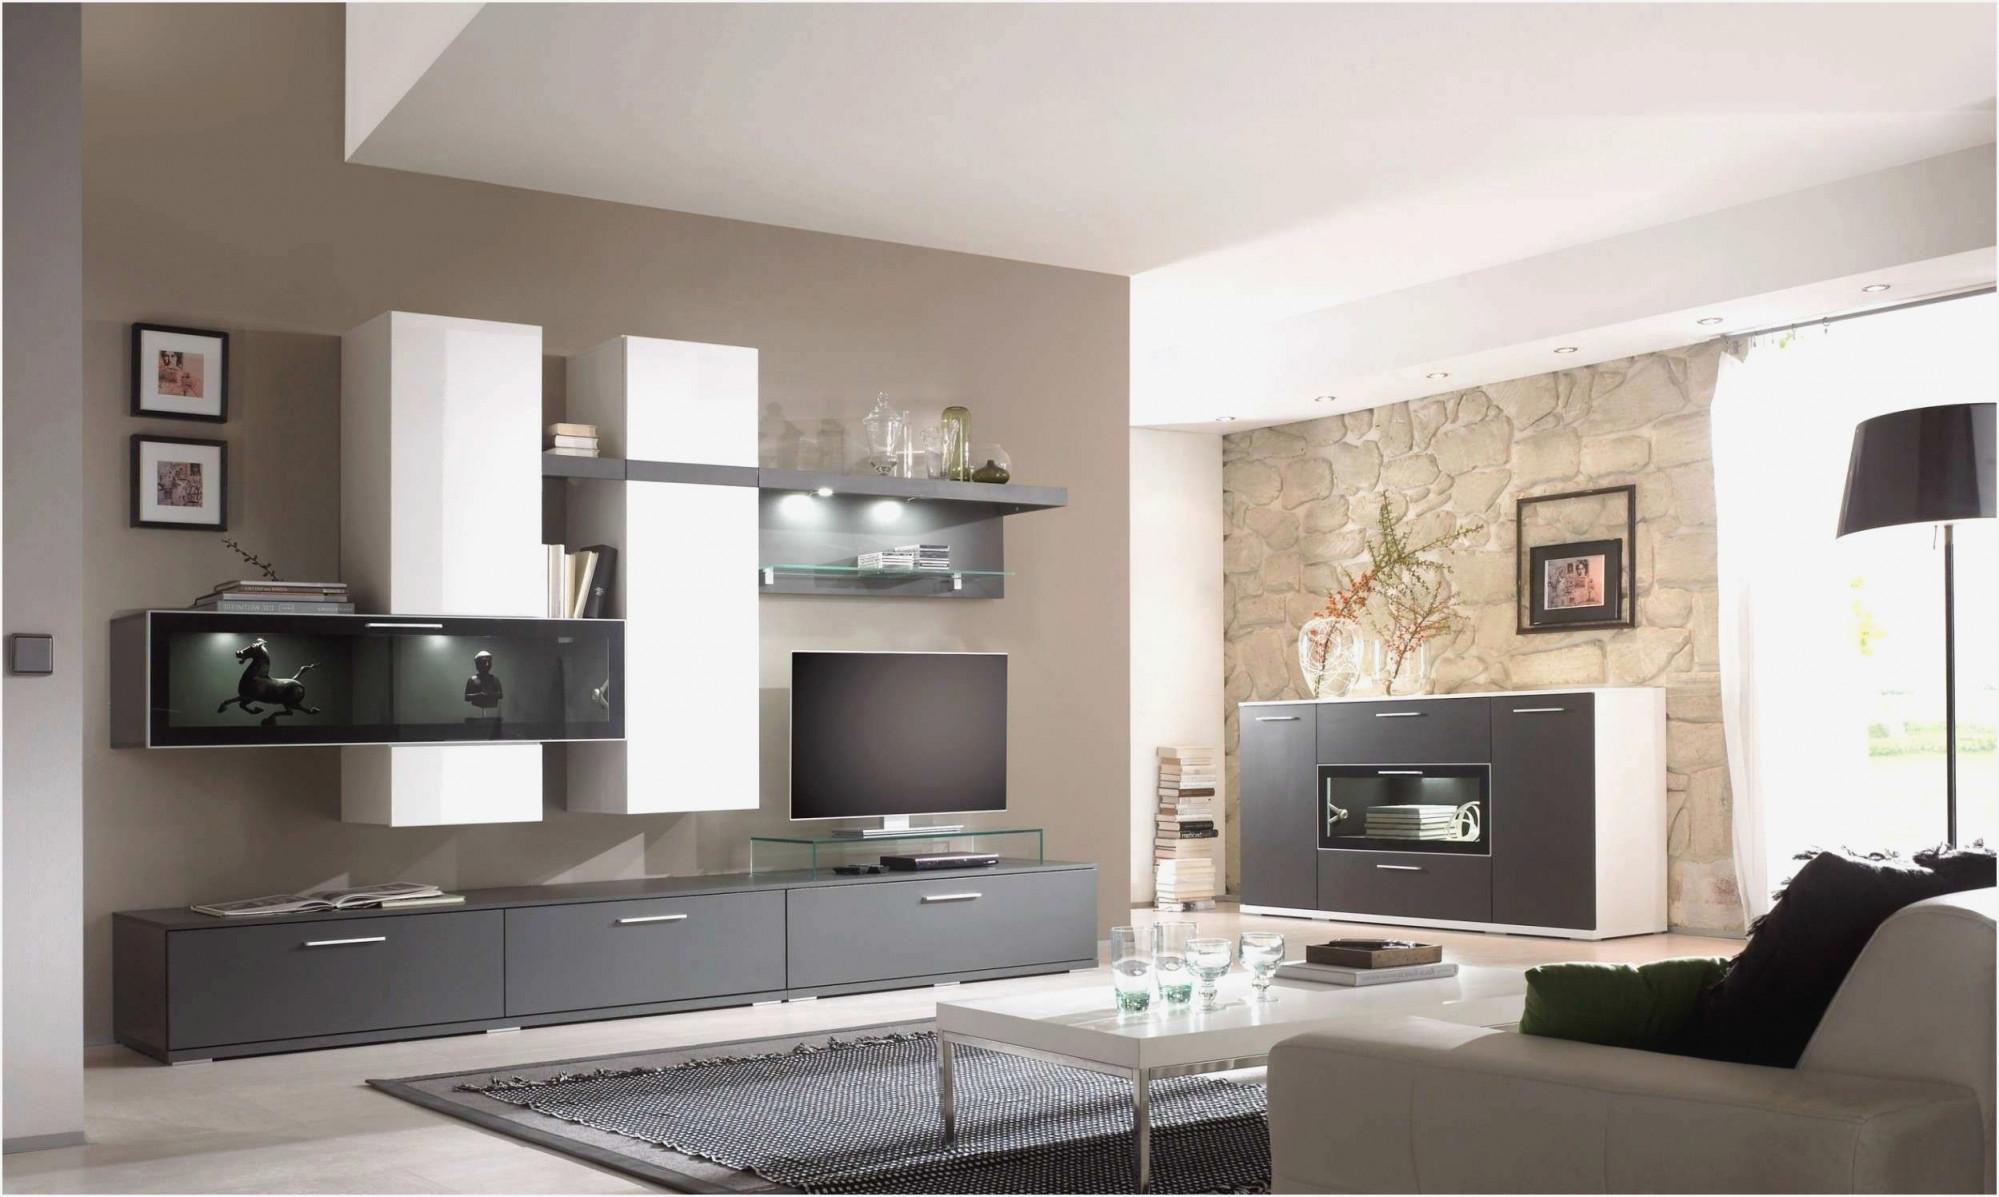 Modern Wohnzimmer Neu Gestalten – Caseconrad von Wohnzimmer Neu Gestalten Photo